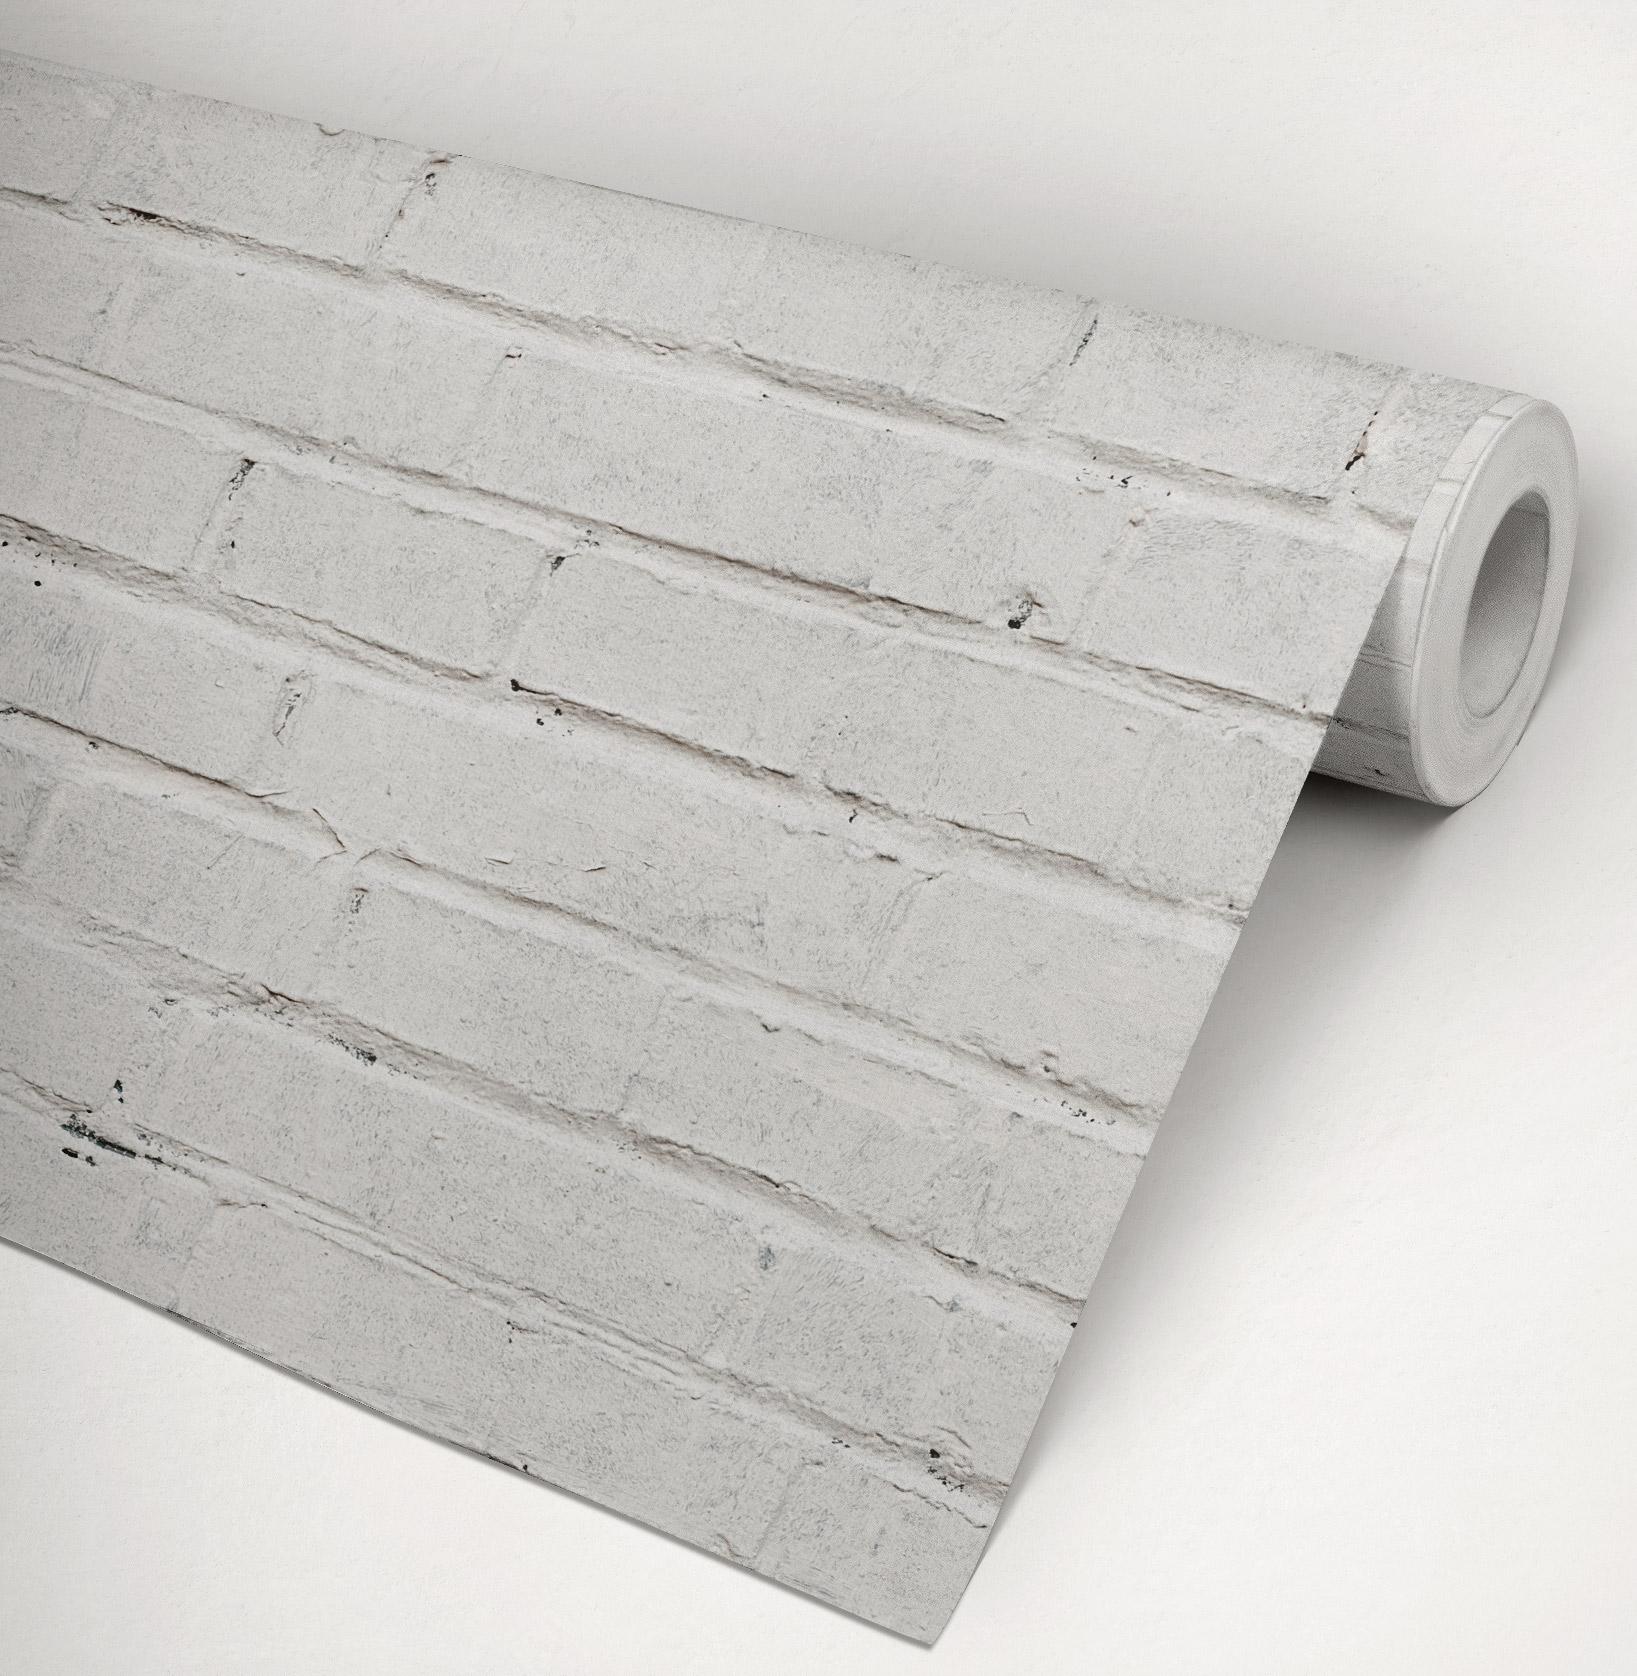 Memilih Wallpaper Dinding yang Terbaik untuk Rumah Anda - Cari Tempat Jual Wallpaper Dinding Murah? IsiBangunan.com Tempatnya - moonwallstickers.com